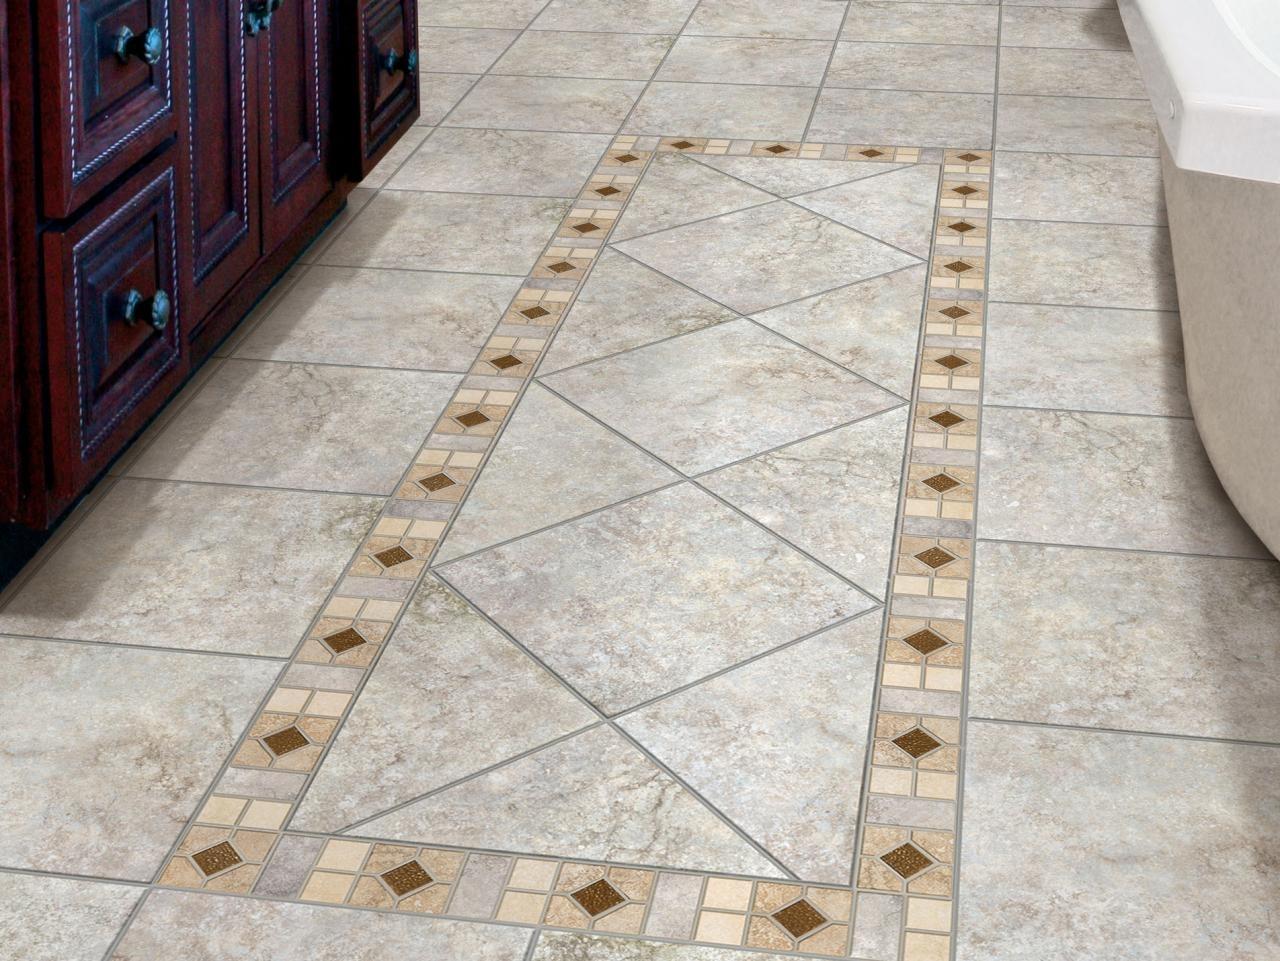 10 Great Small Bathroom Floor Tile Ideas %name 2020